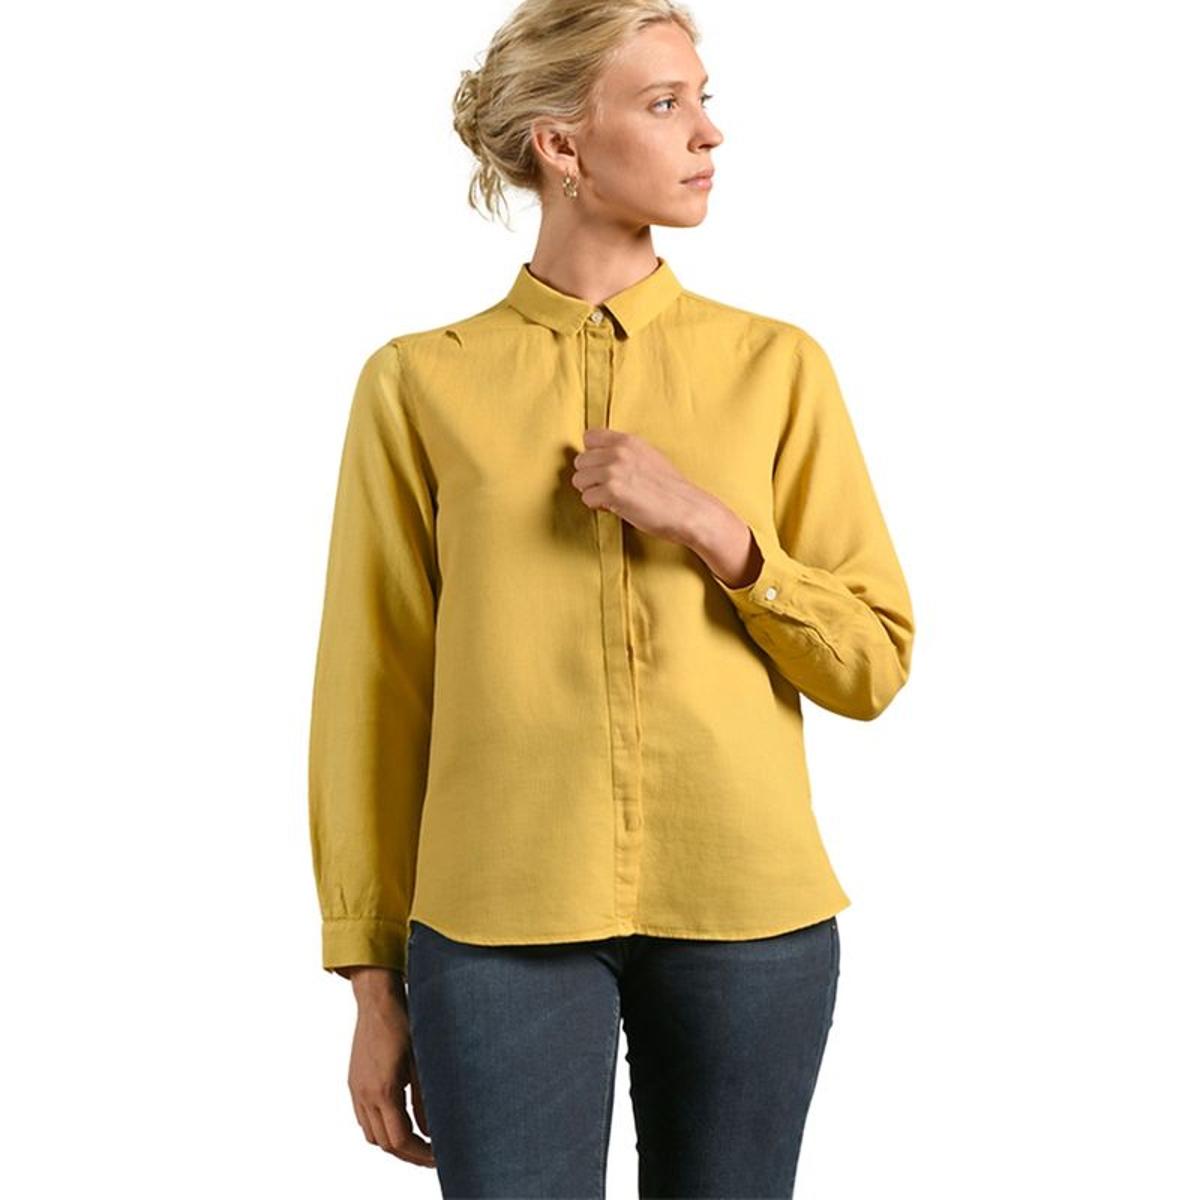 Chemise jaune dos boutonné